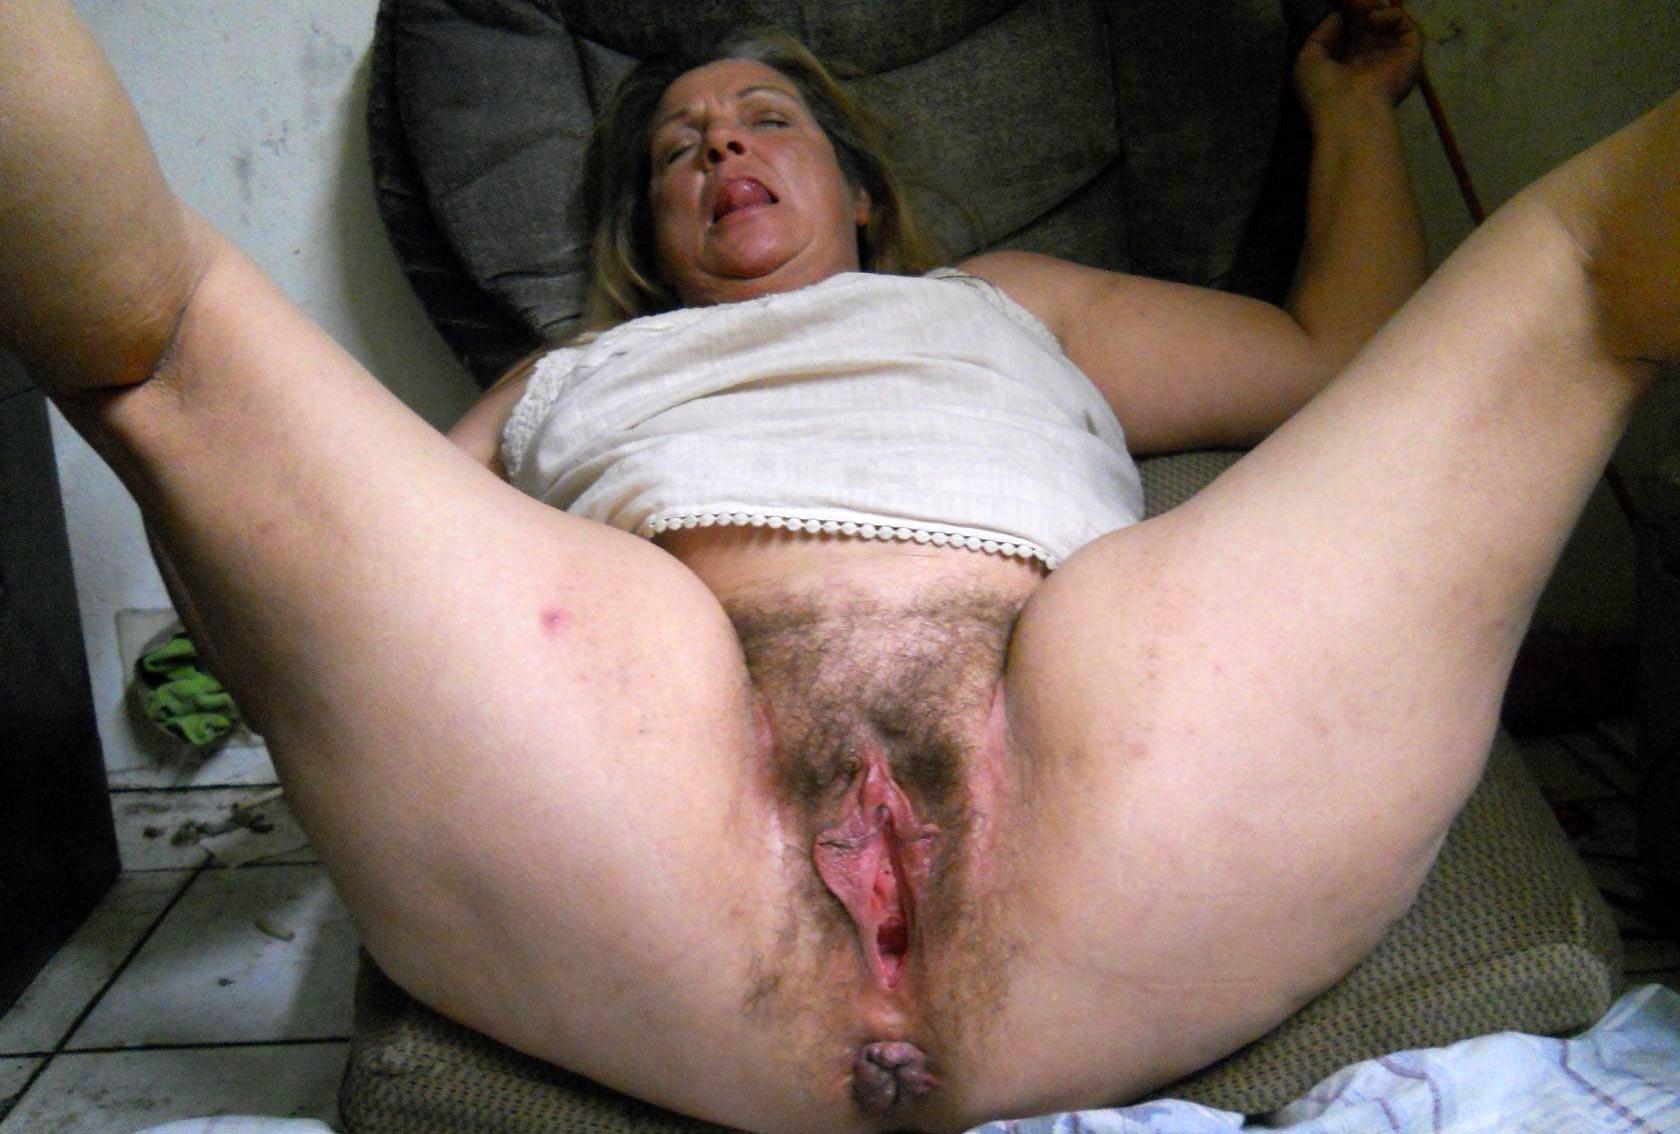 womens vulva homemade porn pics